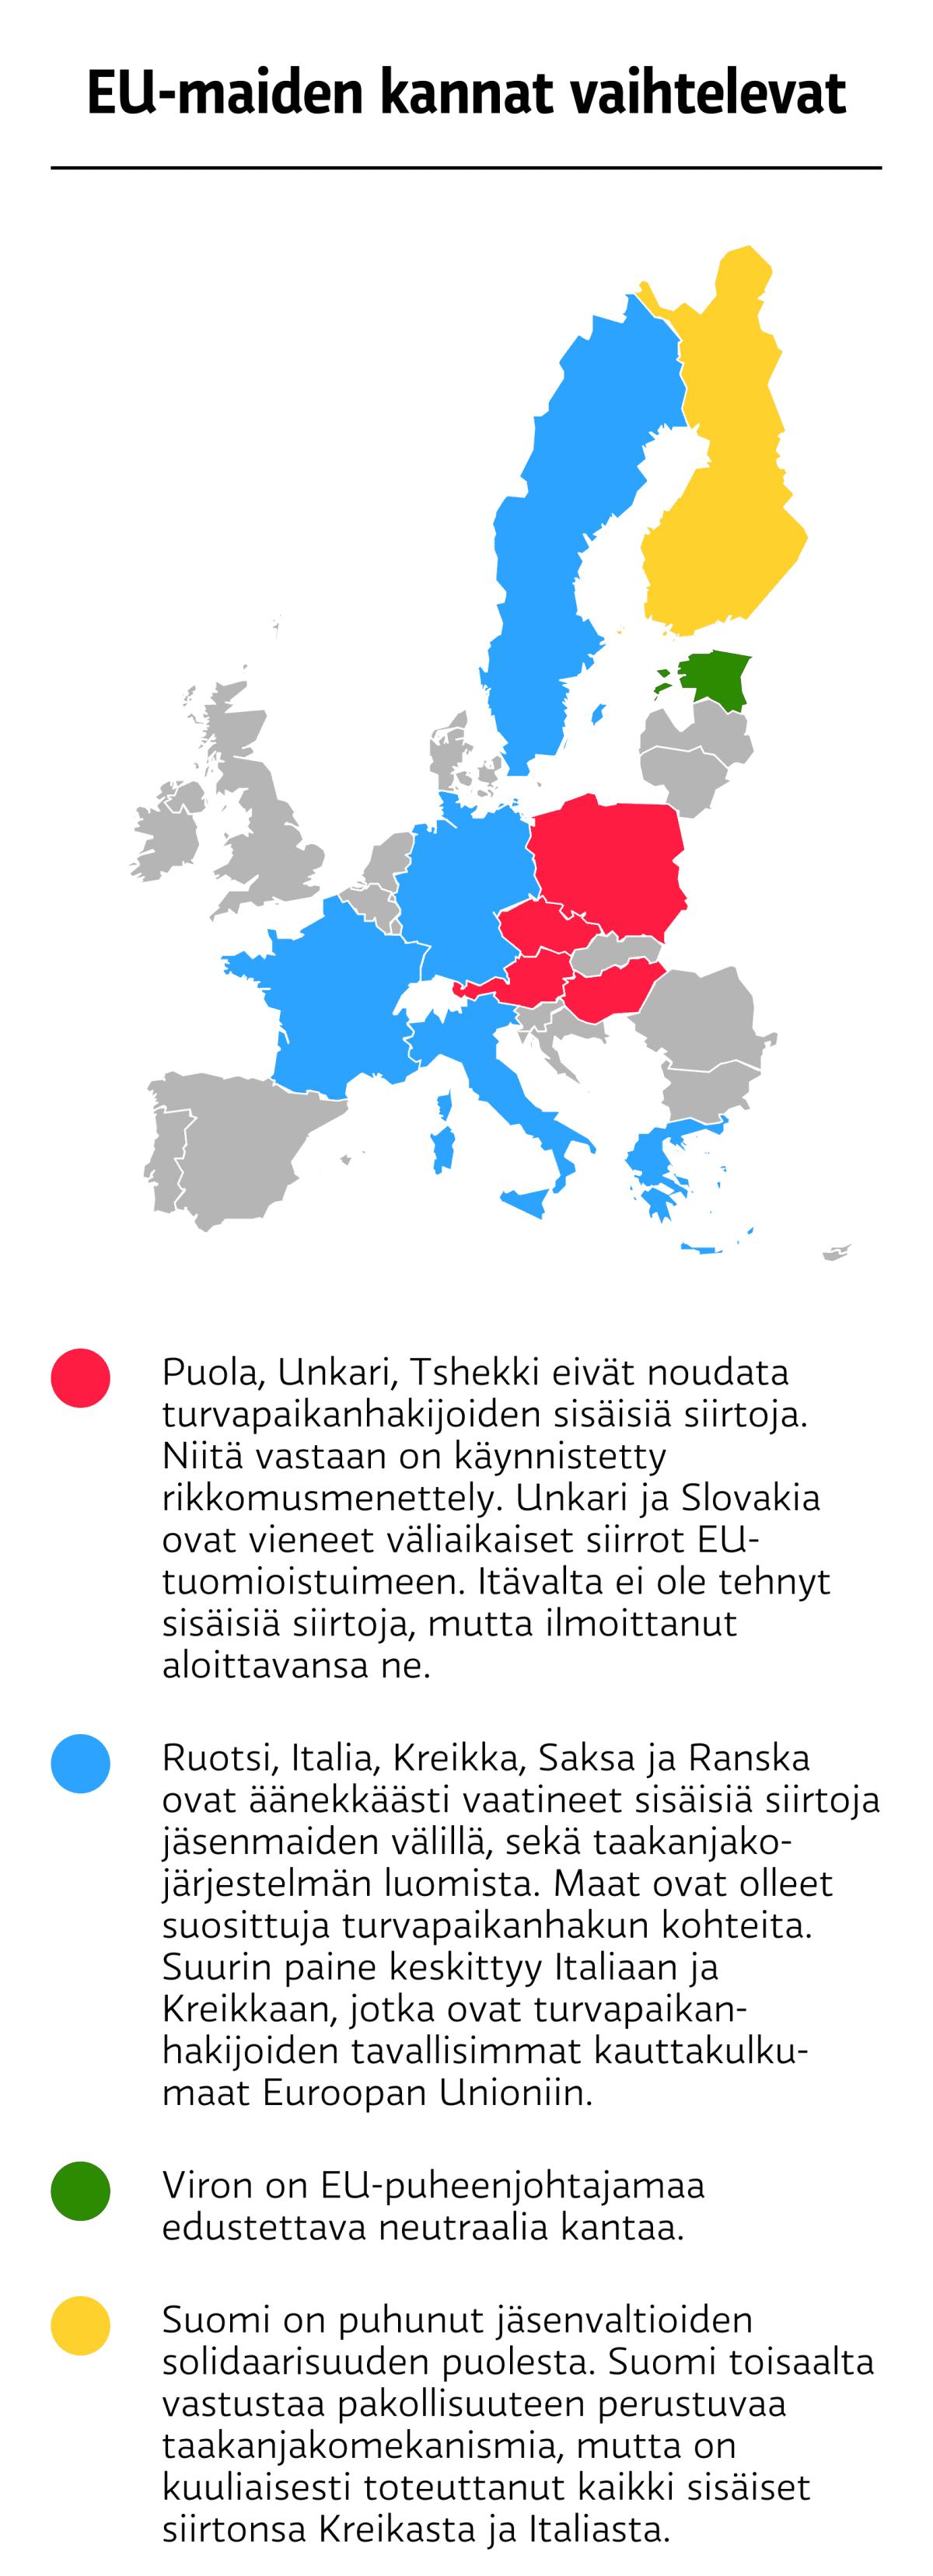 EU-maiden vaihtelevia kantoja turvapaikanhakijapolitiikkaan.